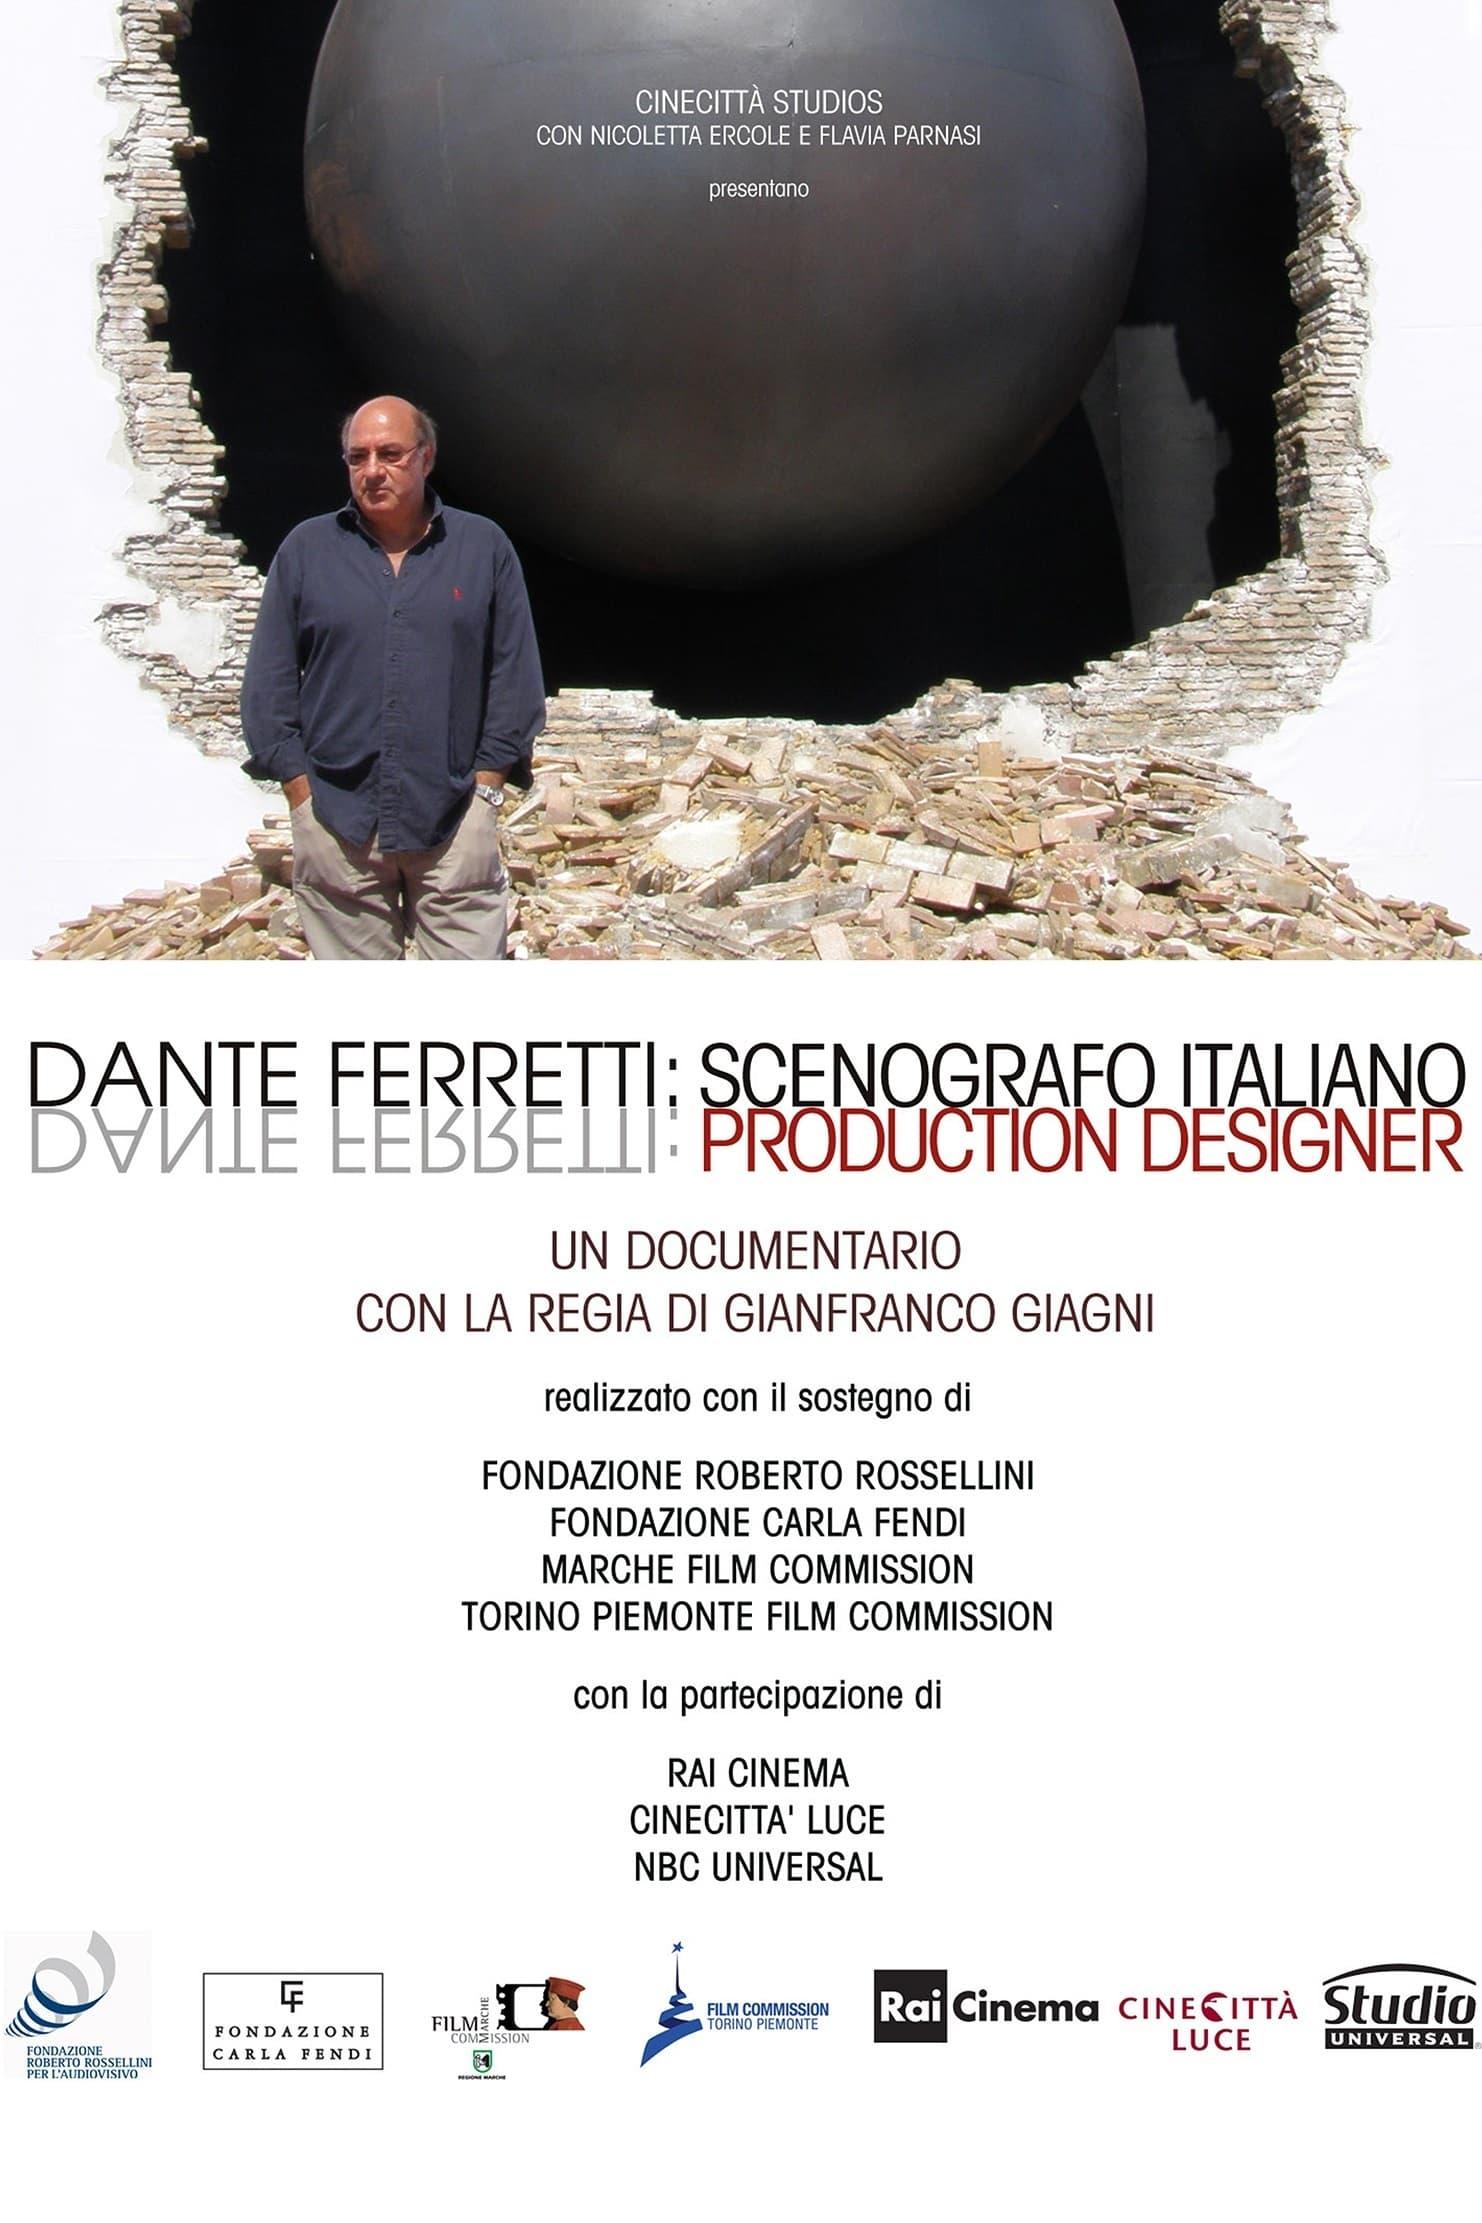 Dante Ferretti: Production Designer